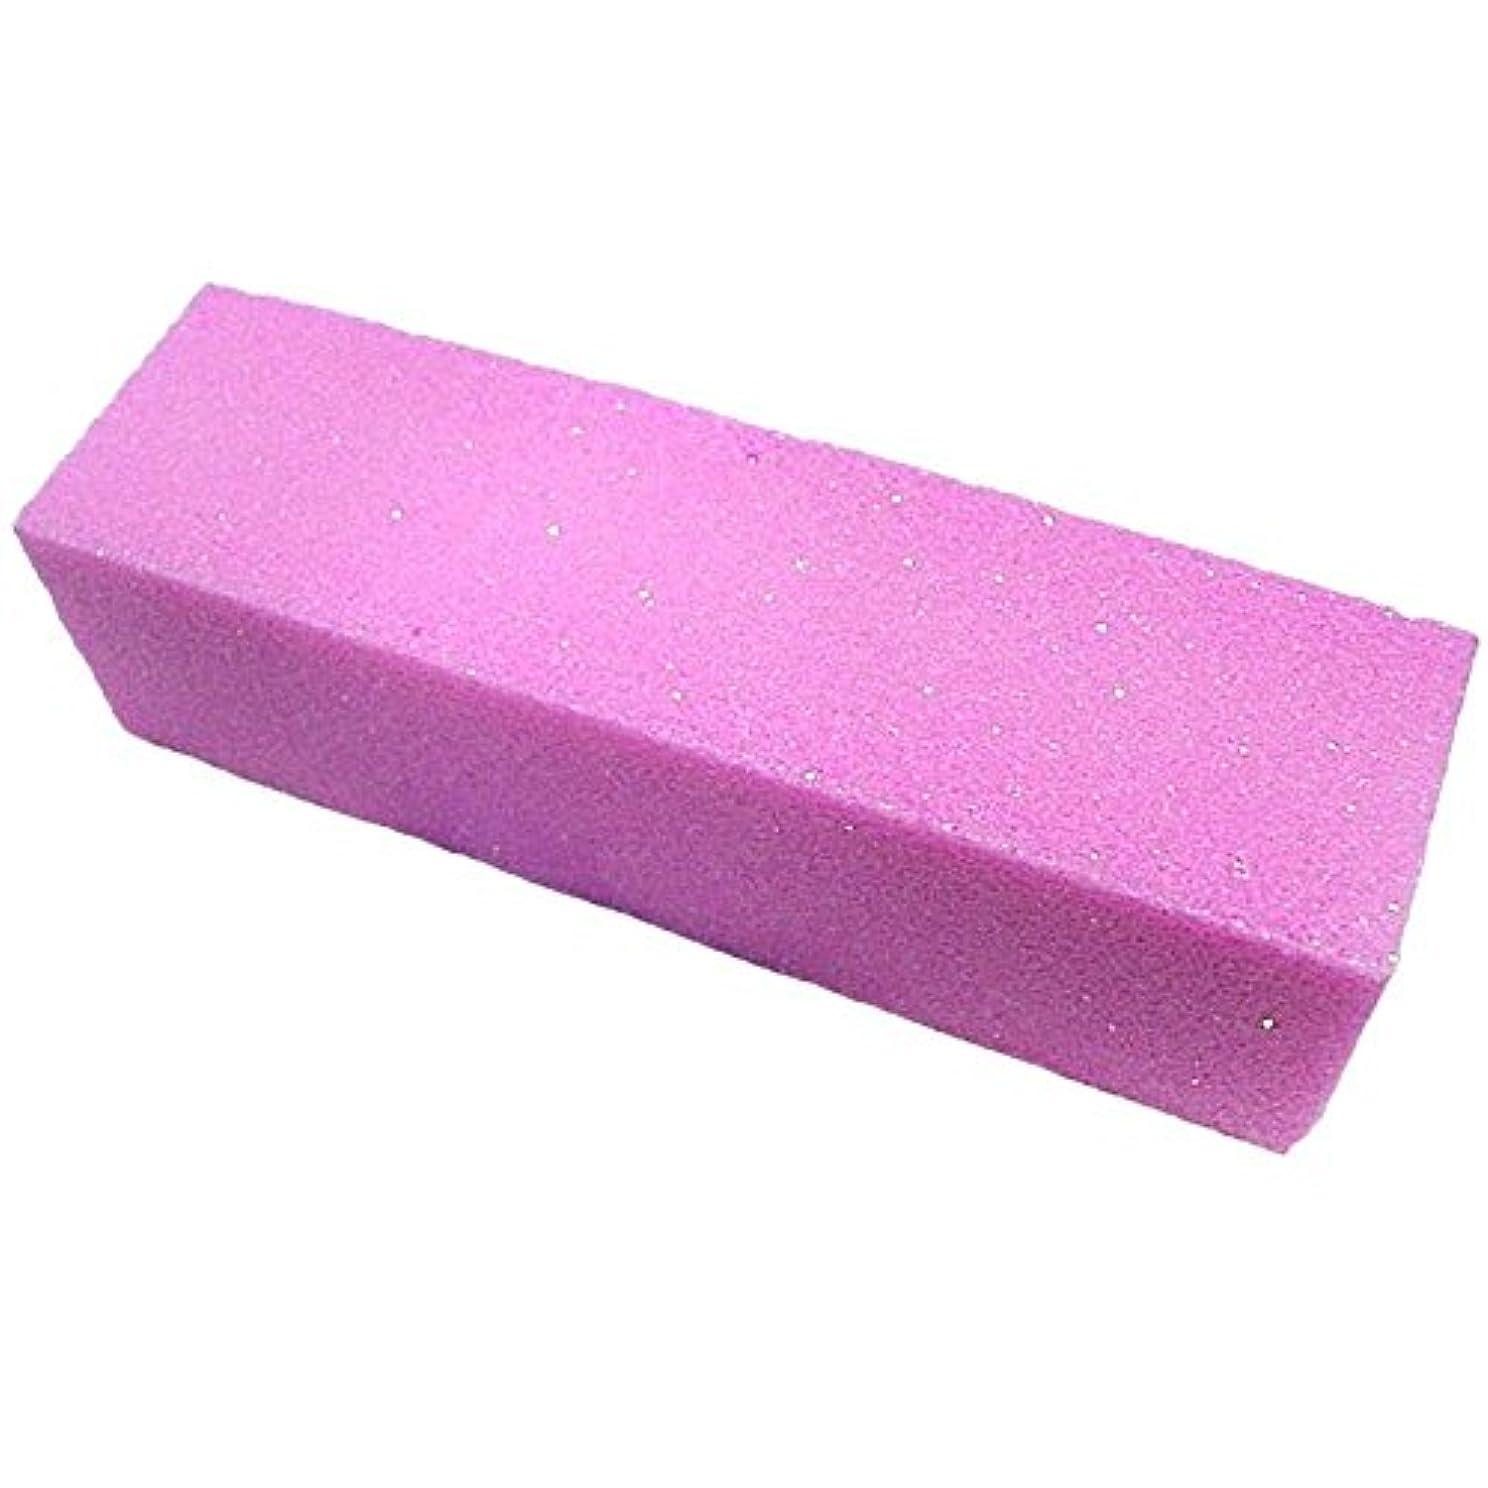 忠実なセクション購入RETYLY 10xピンク色のバッファバフサンディングブロックファイル マニキュアペディキュア ネイルアートの為